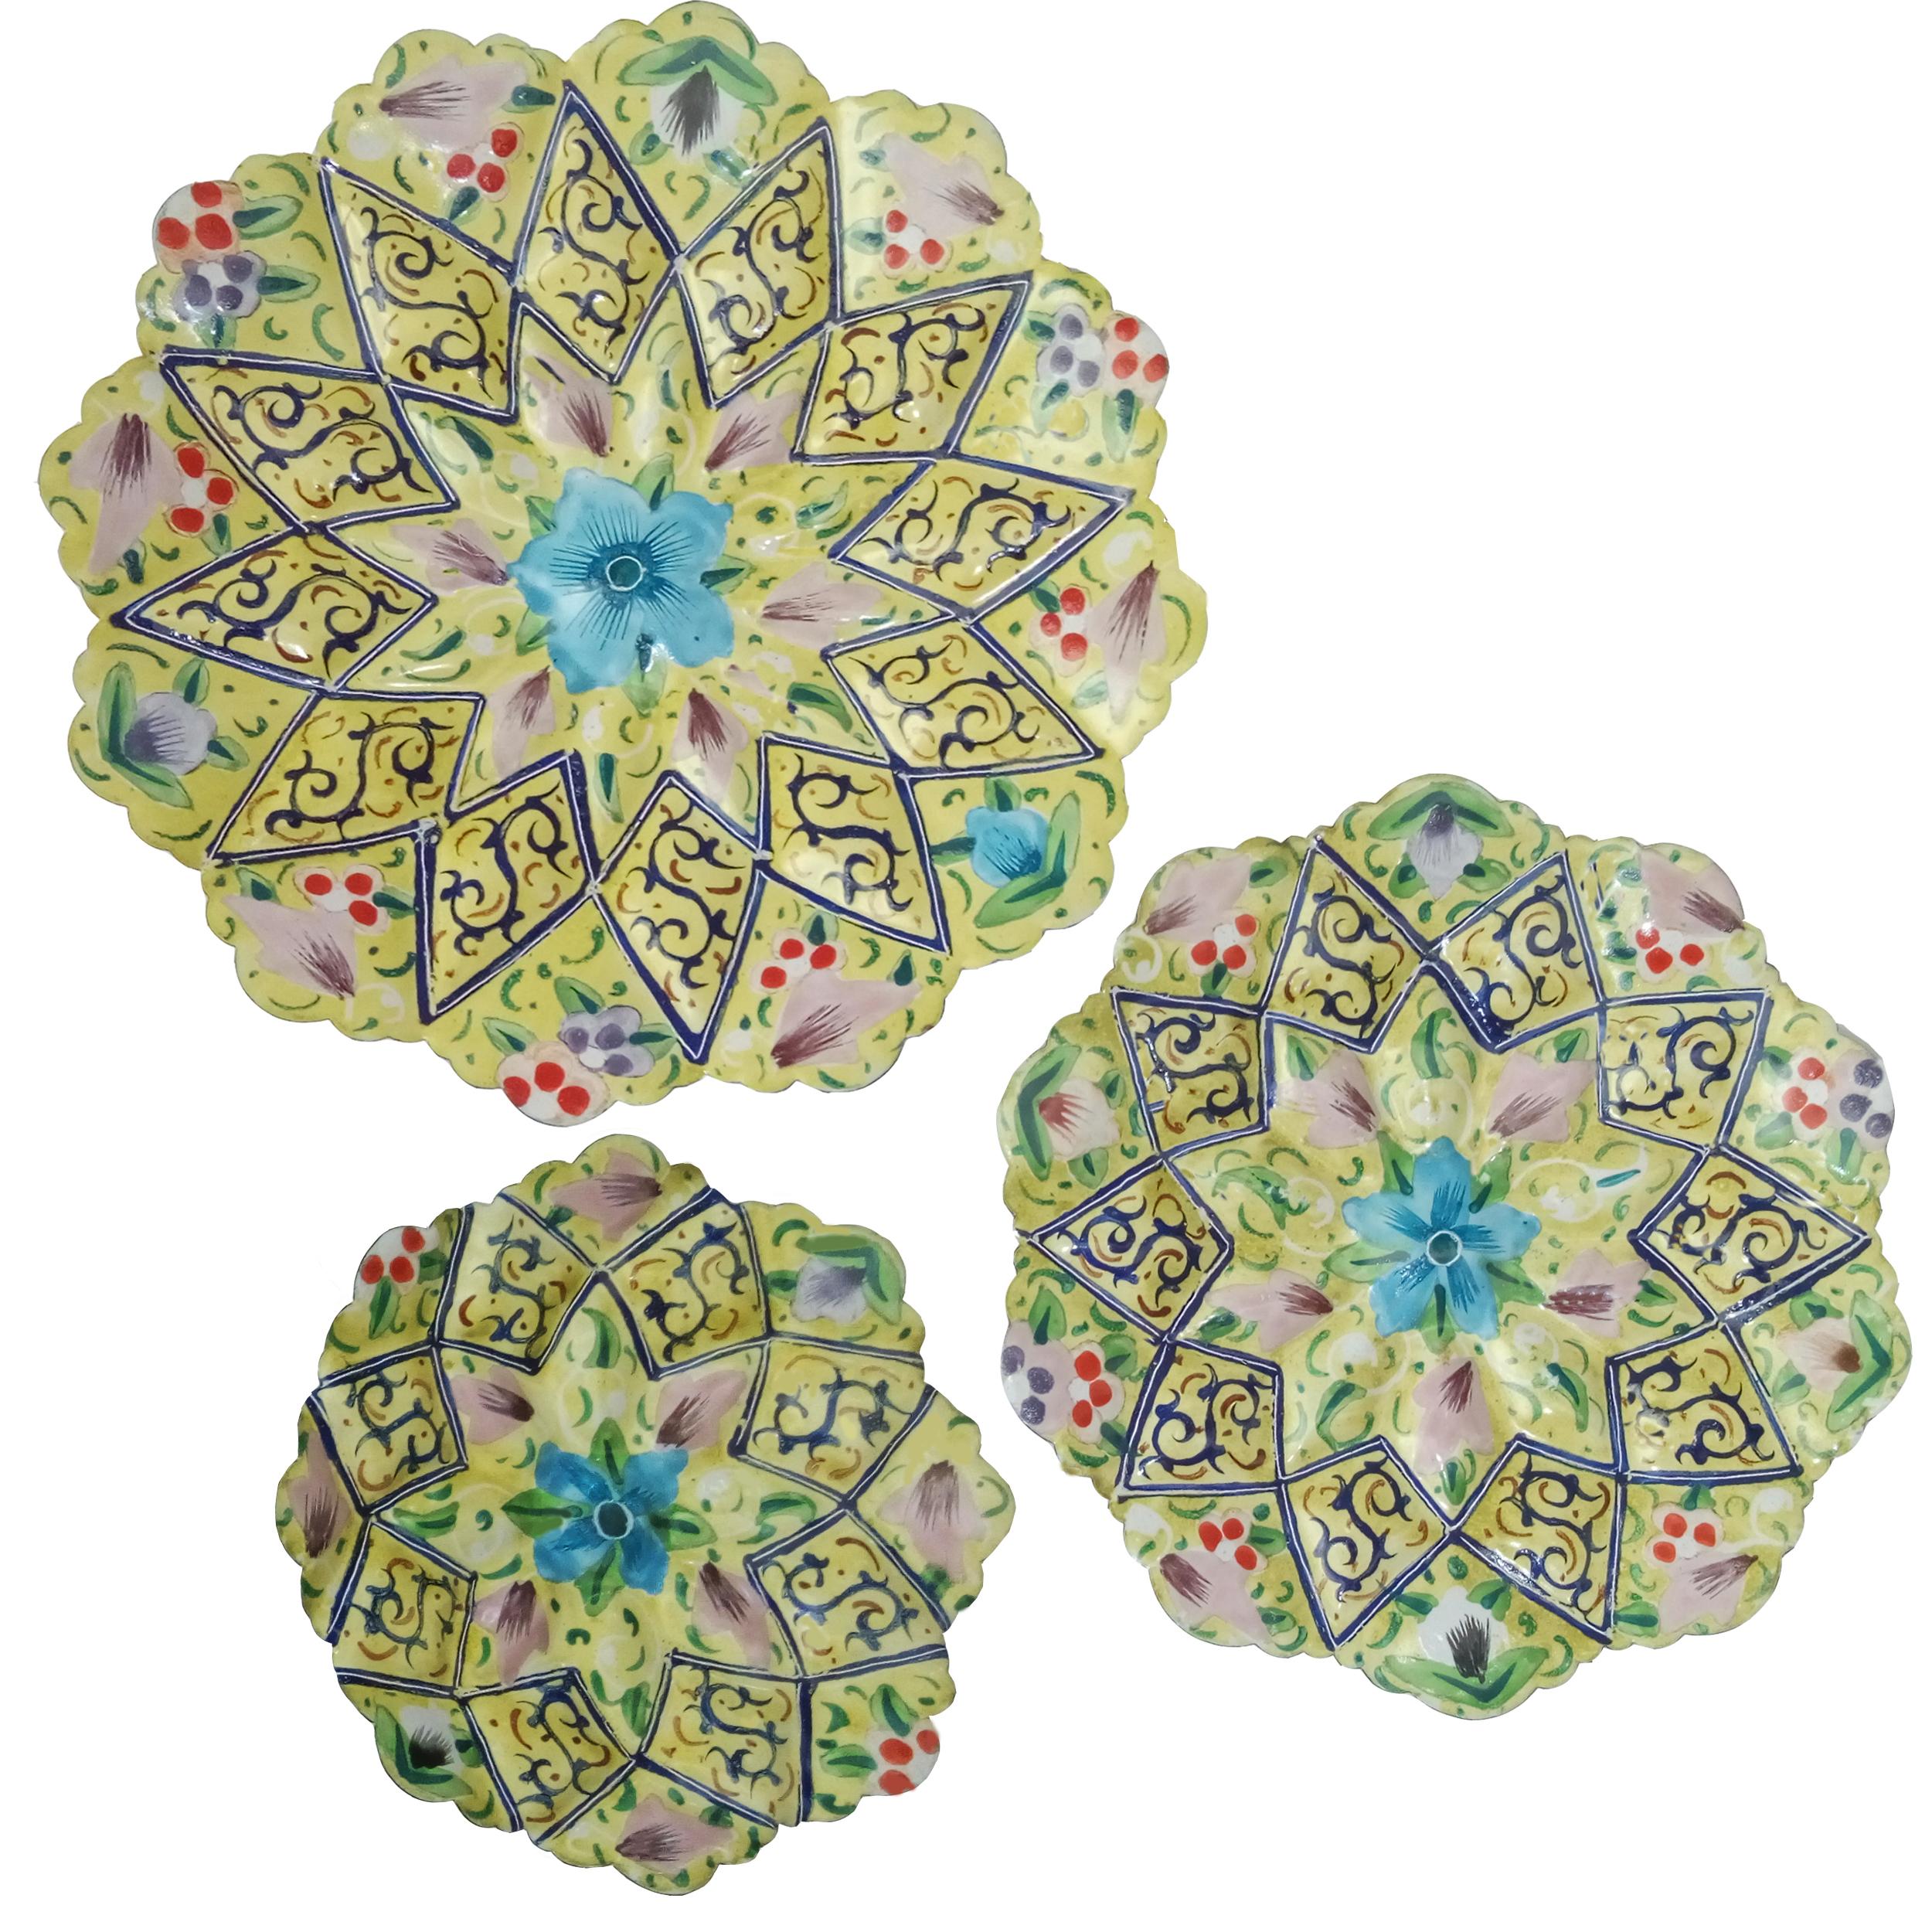 بشقاب میناکاری طرح نقاشی پرداز مدل گل نرگس مجموعه 3 عددی